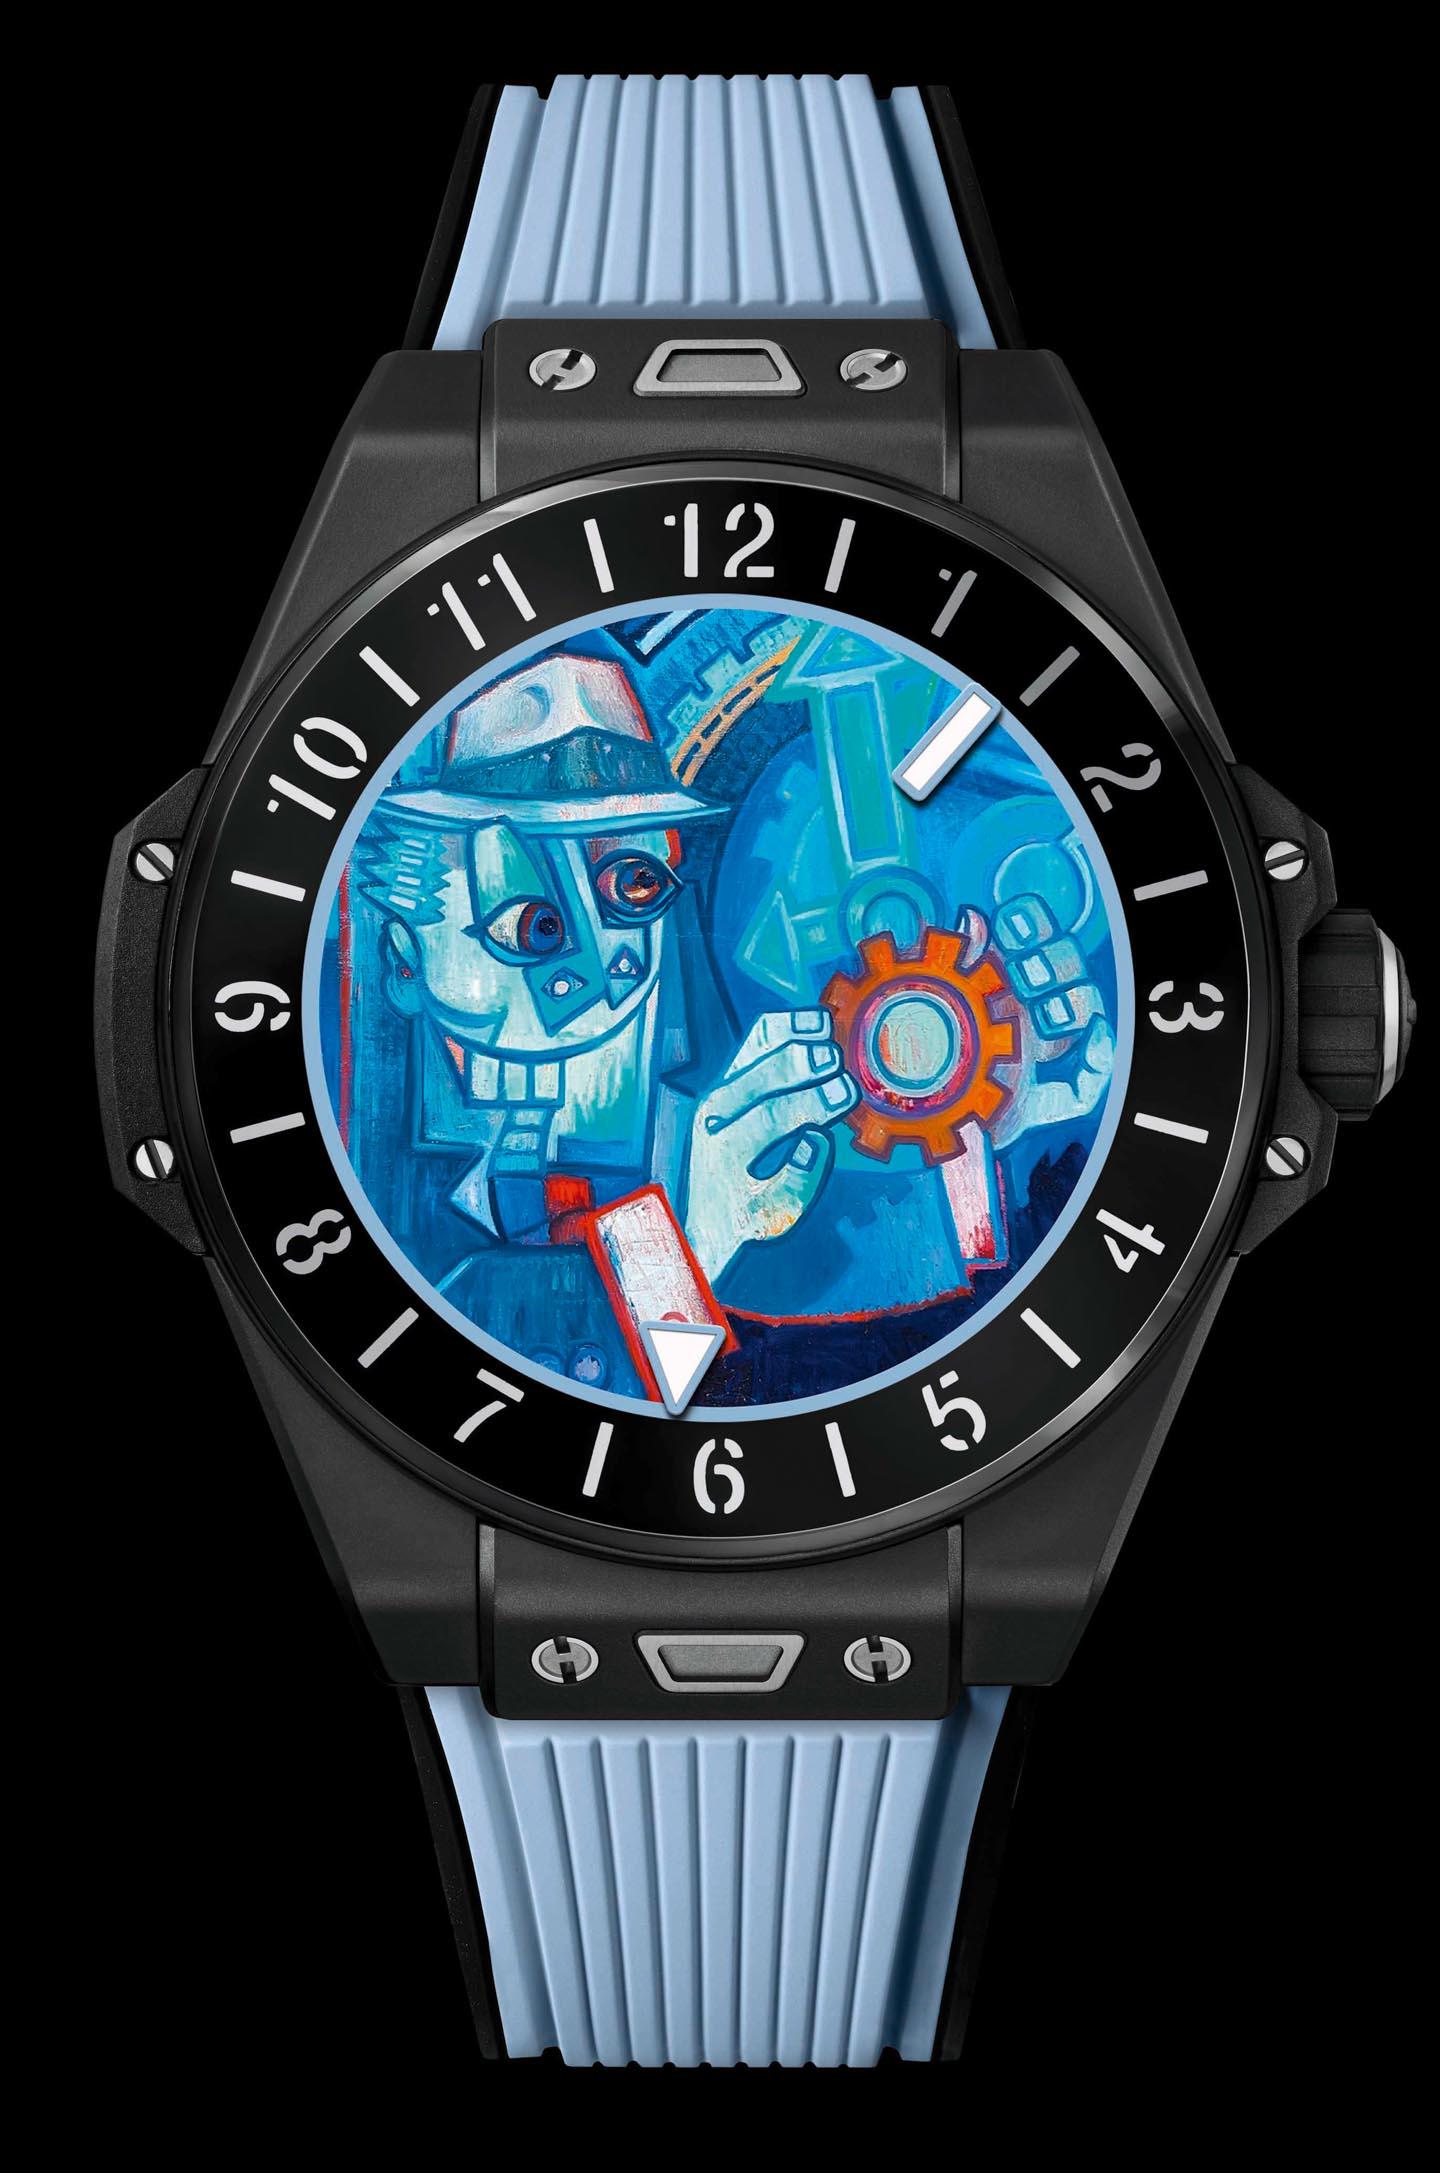 Hublot представляет умные часы Big Bang e